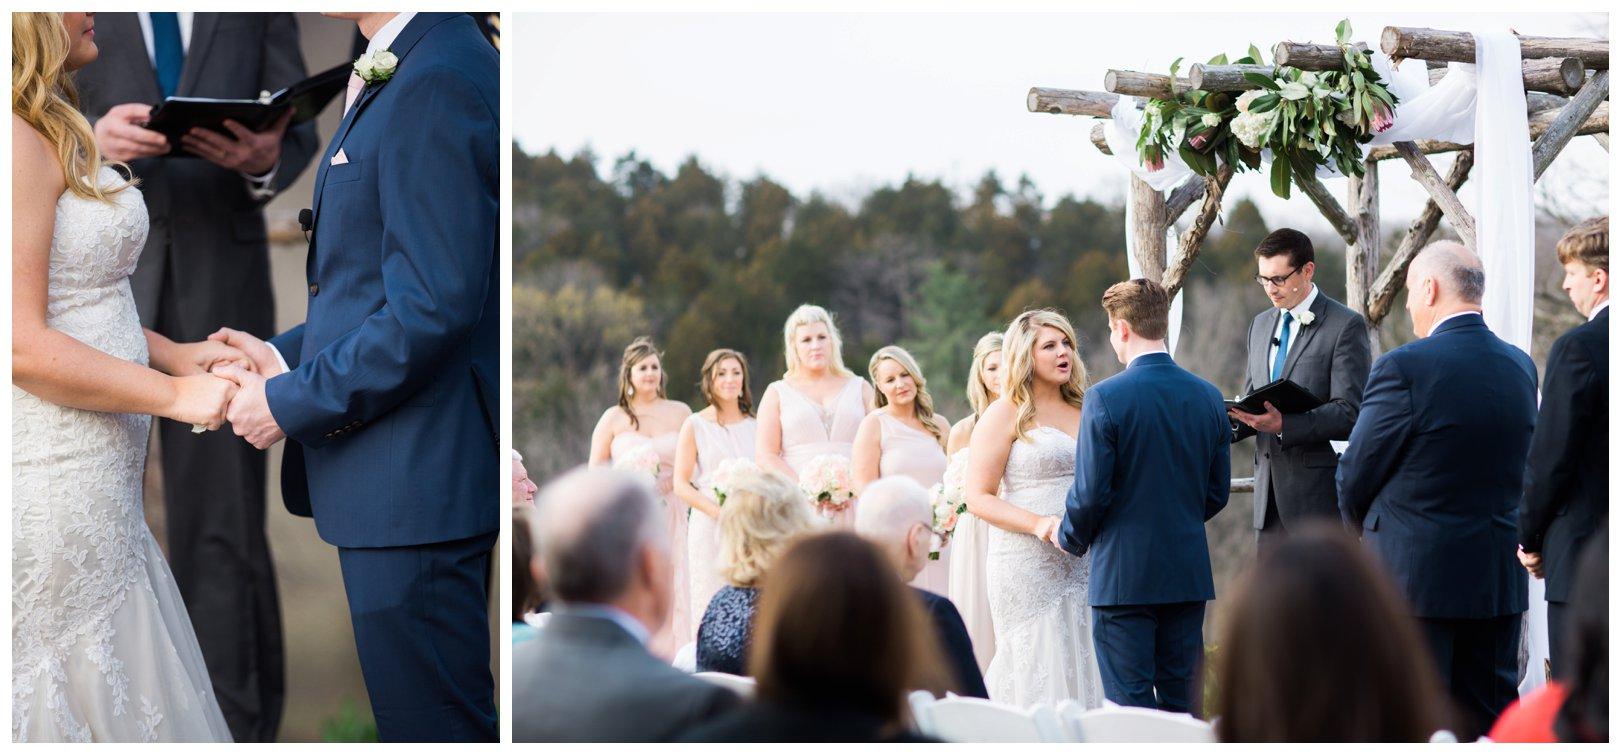 lauren muckler photography_fine art film wedding photography_st louis_photography_0987.jpg